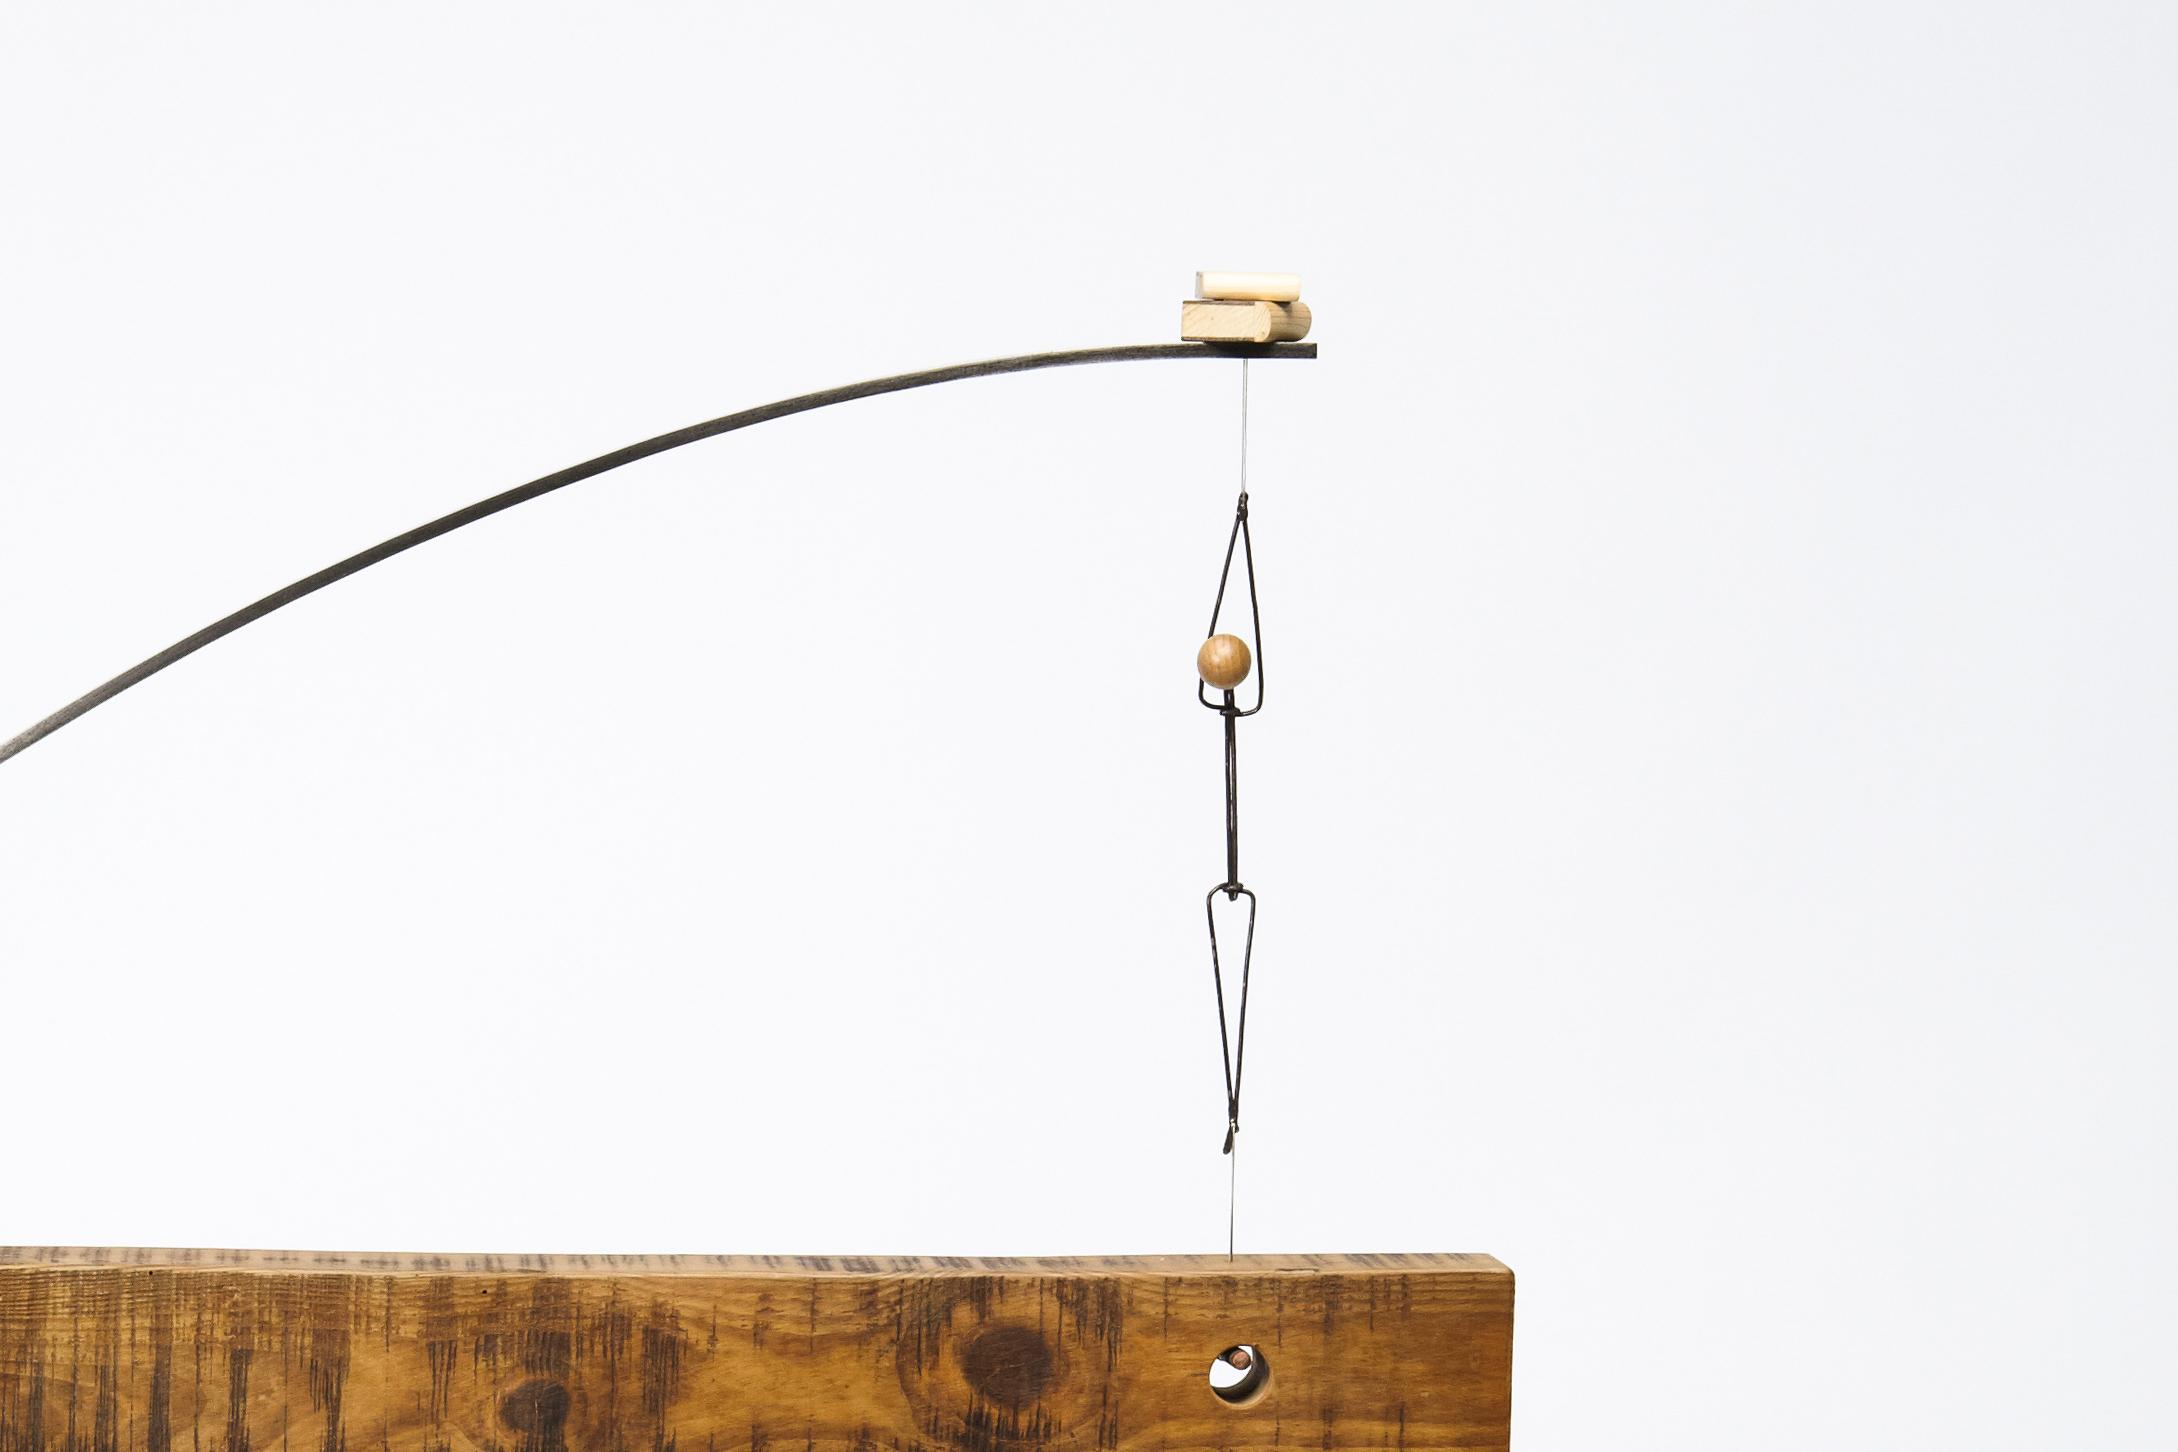 Escultura con personajes Otoko titulada –Crecimiento intelectual-, creada por Antoni Yranzo en el año 2010 en su estudio-taller de Barcelona